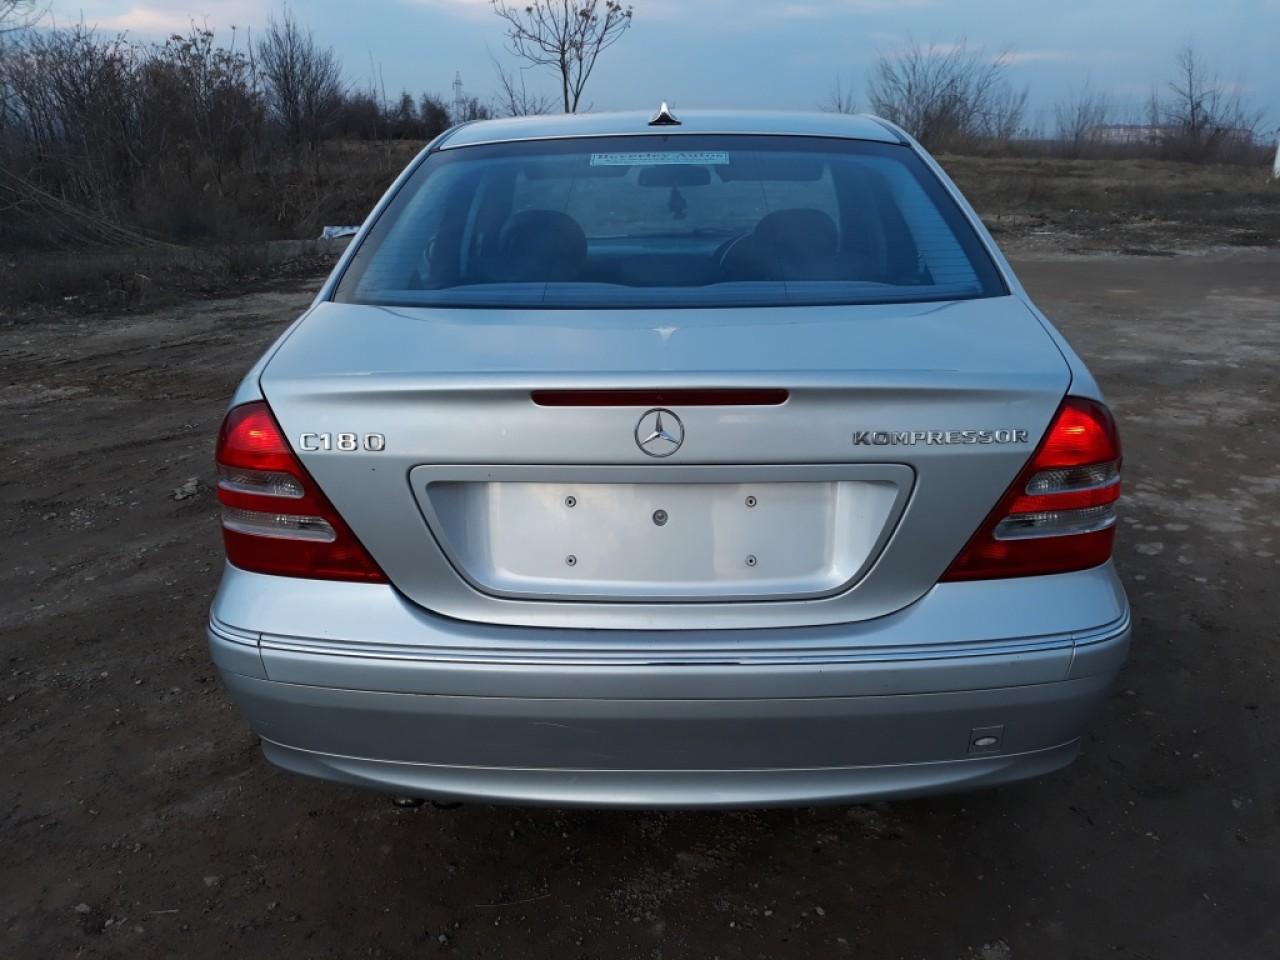 Toba esapament finala Mercedes C-CLASS W203 2004 berlina 1.8